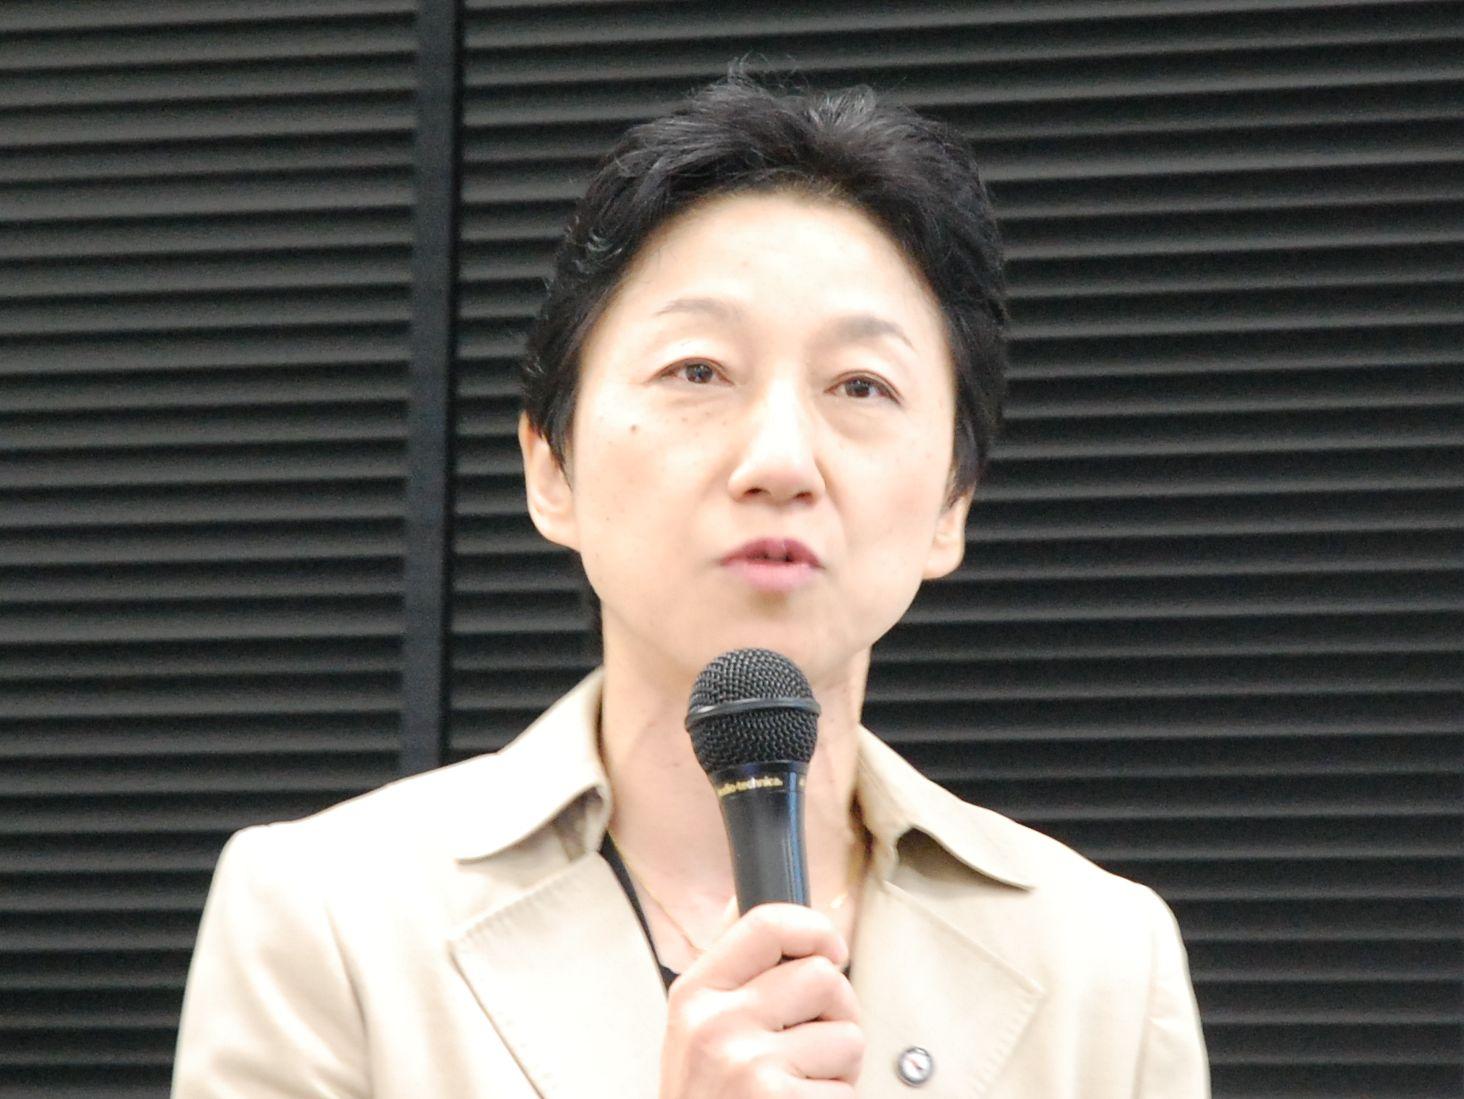 グローバルヘルスコンサルティング・ジャパン(GHC)マネジャーの塚越篤子。病院の戦略を考える上では客観的なデータに基づく「ベンチマーク」が不可欠であると強調する。